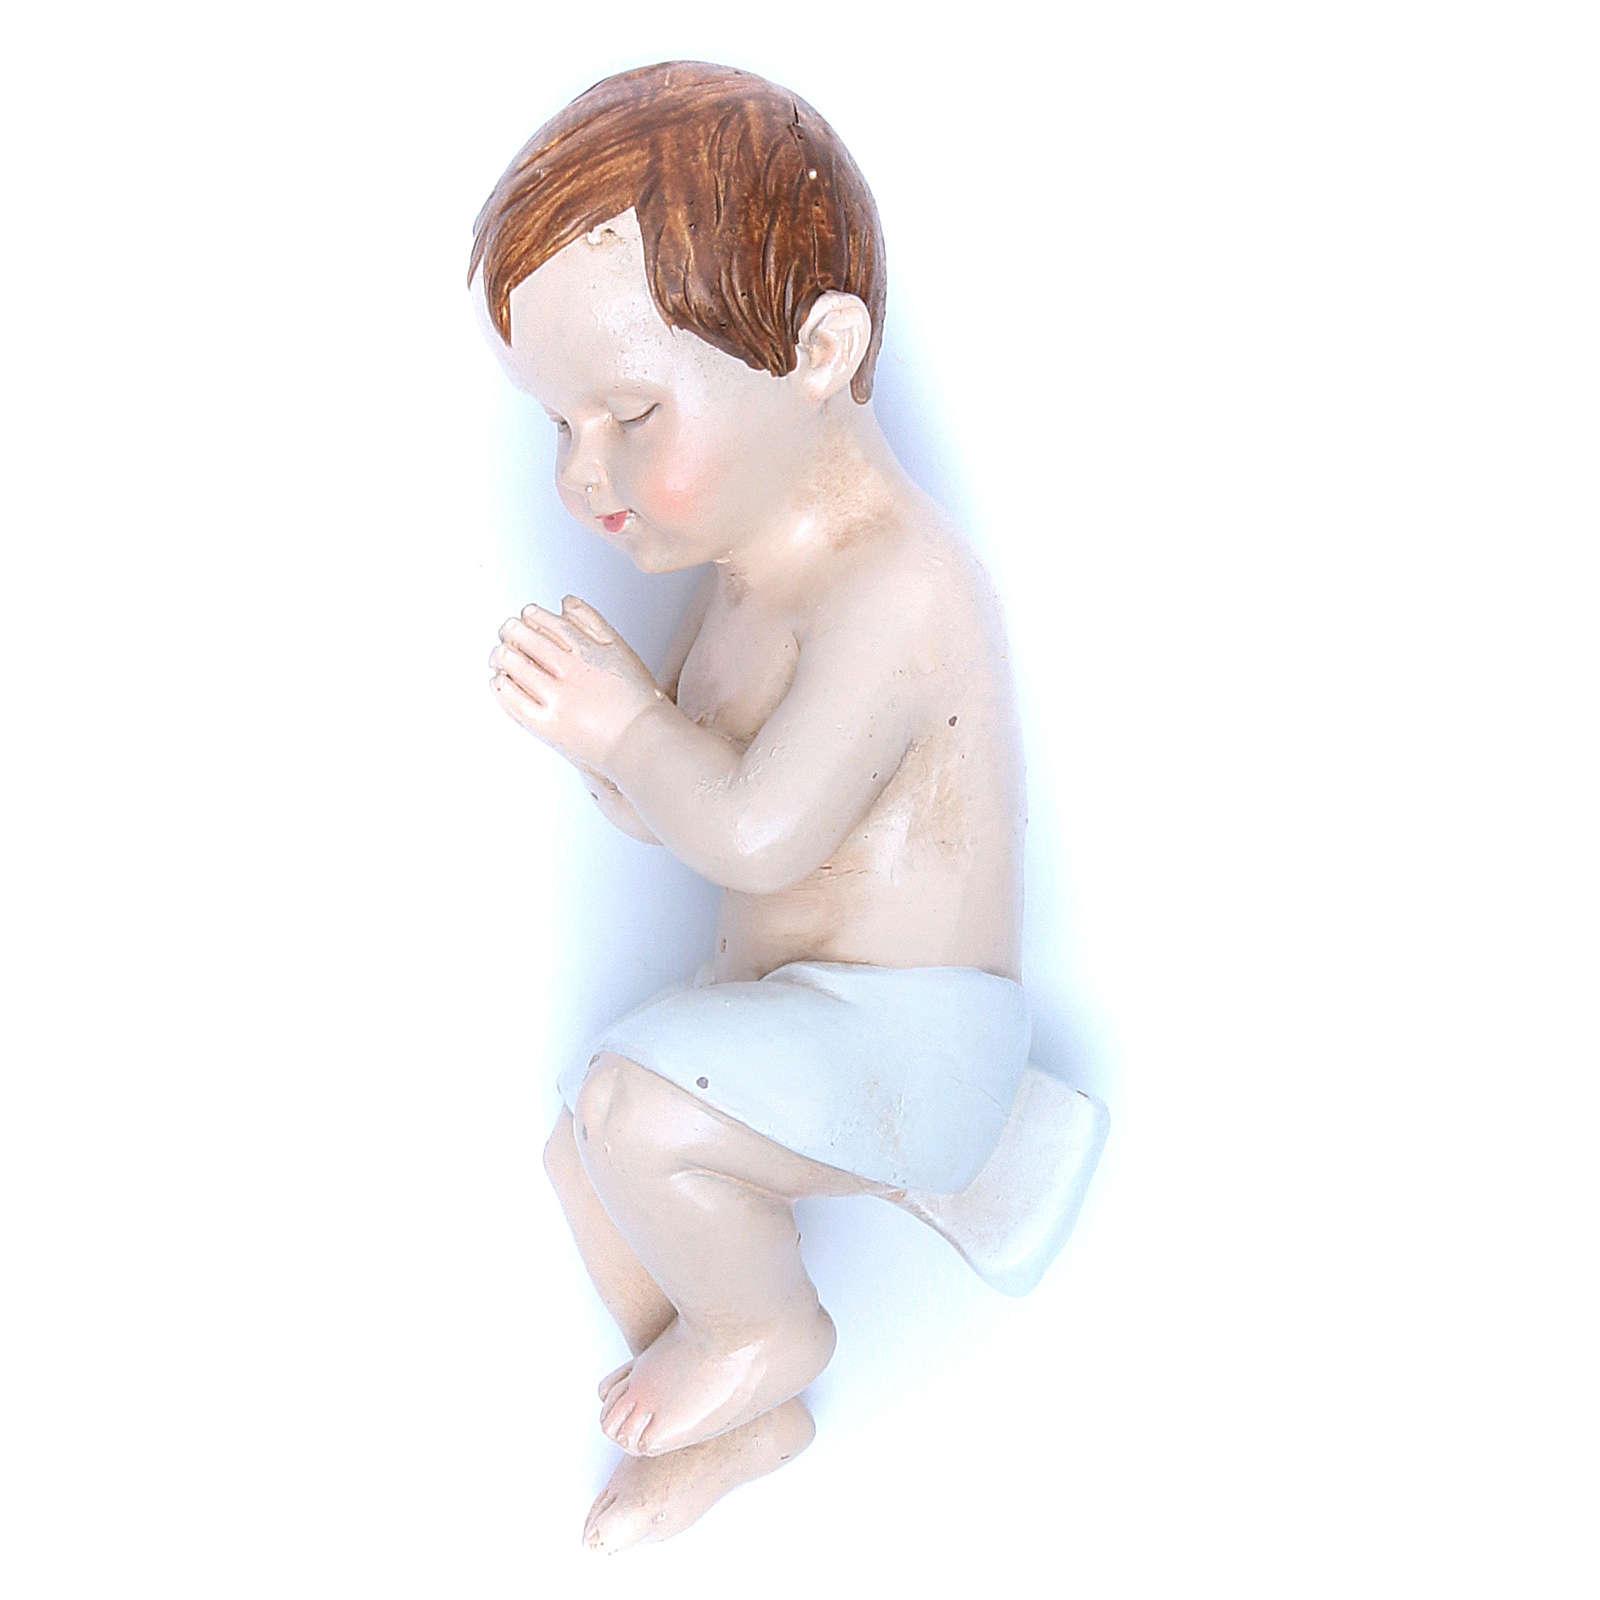 Enfant Jésus résine 50 cm gamme Martino Landi 3